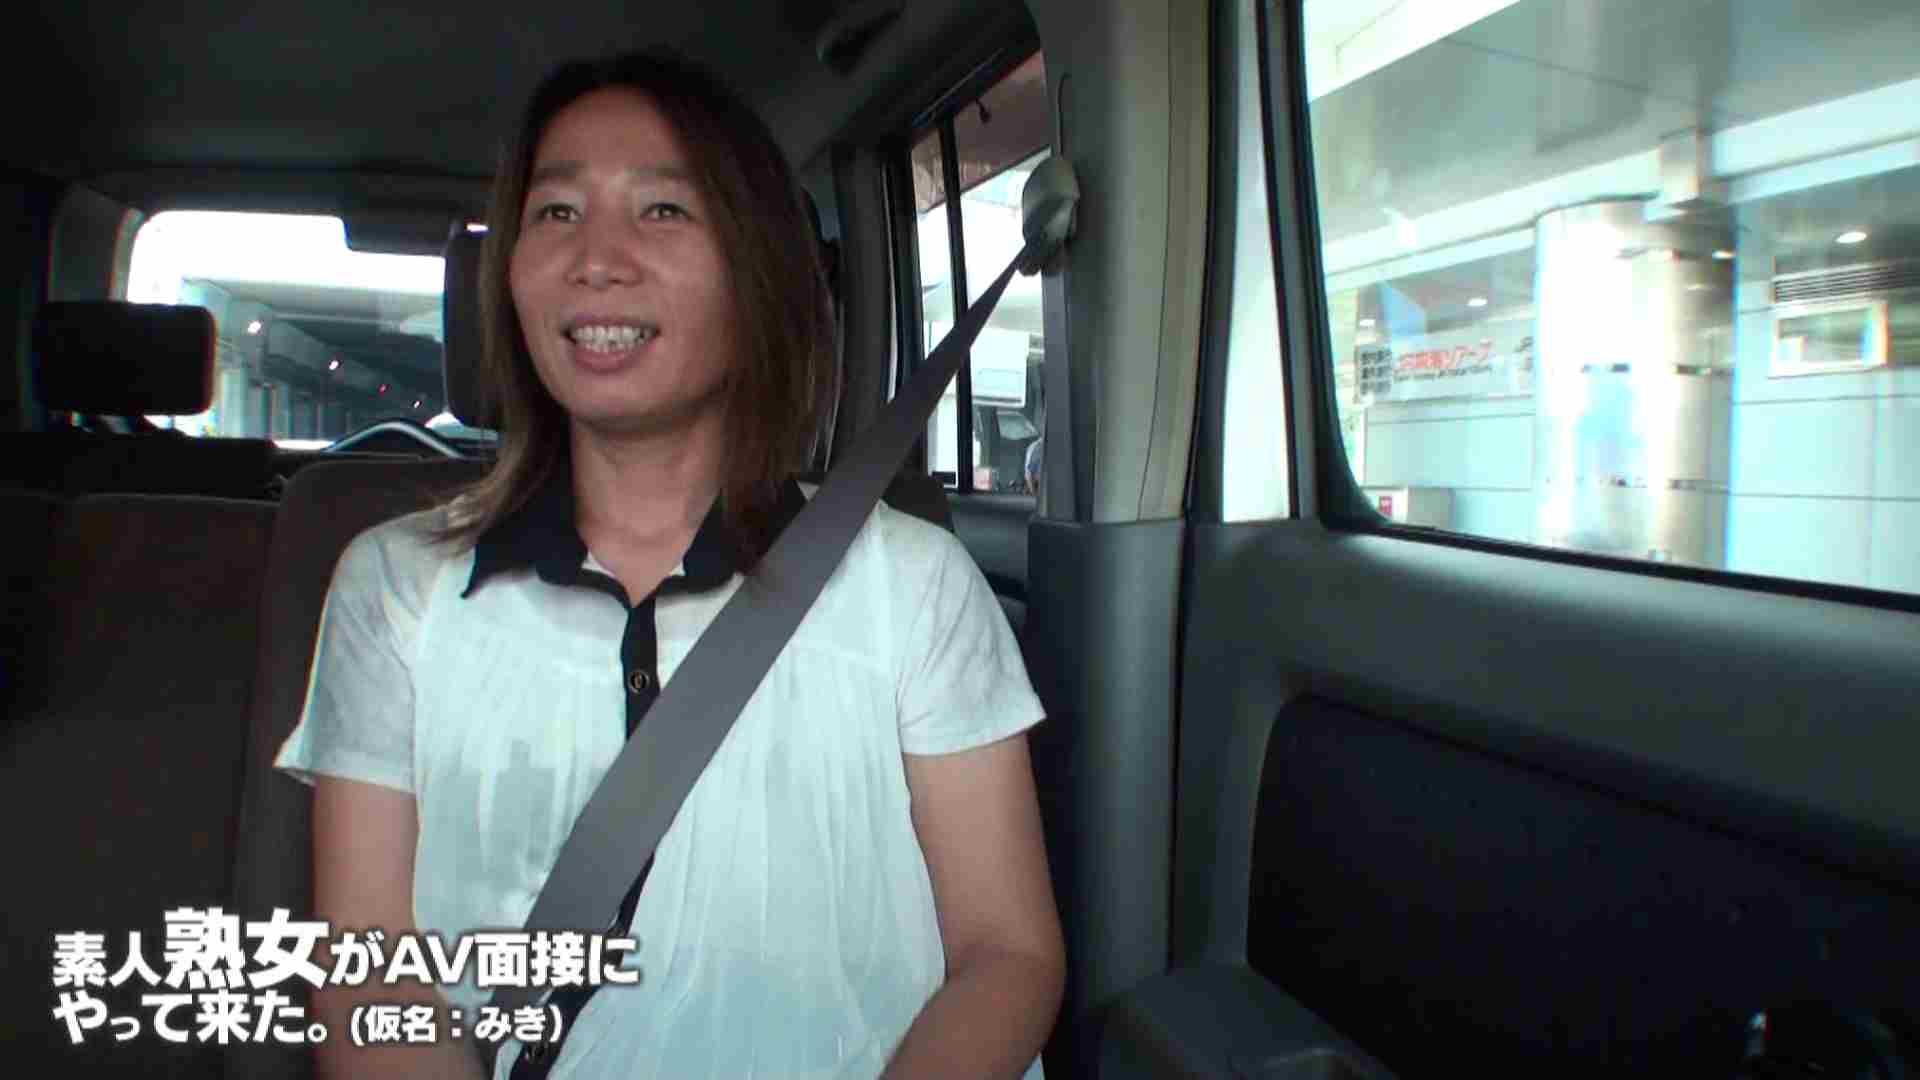 素人熟女がAV面接にやってきた (熟女)みきさんVOL.01 熟女のエッチ 盗み撮り動画 94pic 39